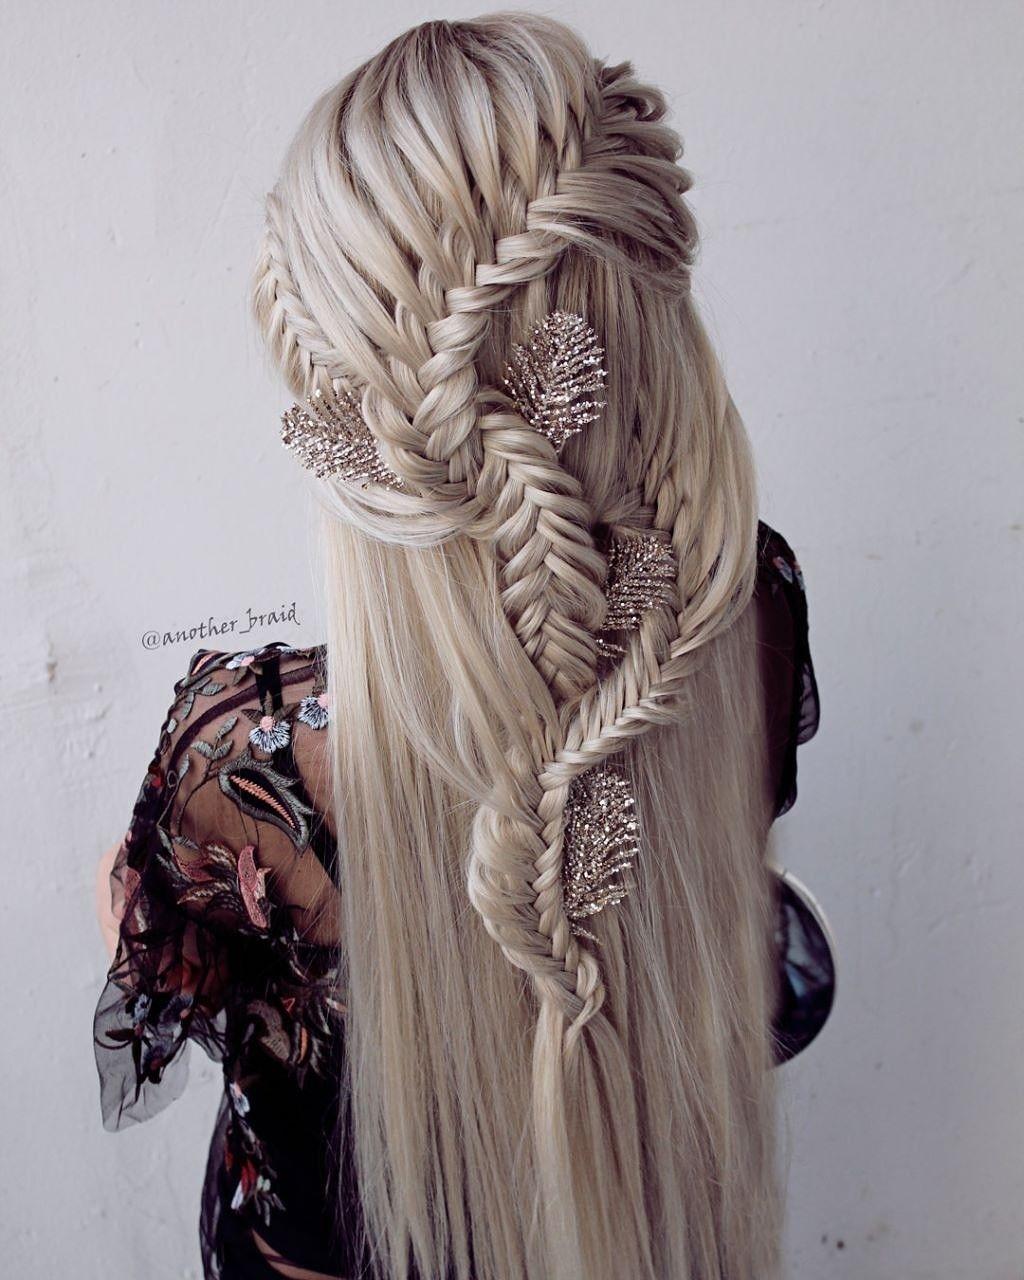 Pin By Rado Rakotondrainitomaho On Randrana Sarondoha Long Hair Styles Curly Prom Hair Thick Hair Styles